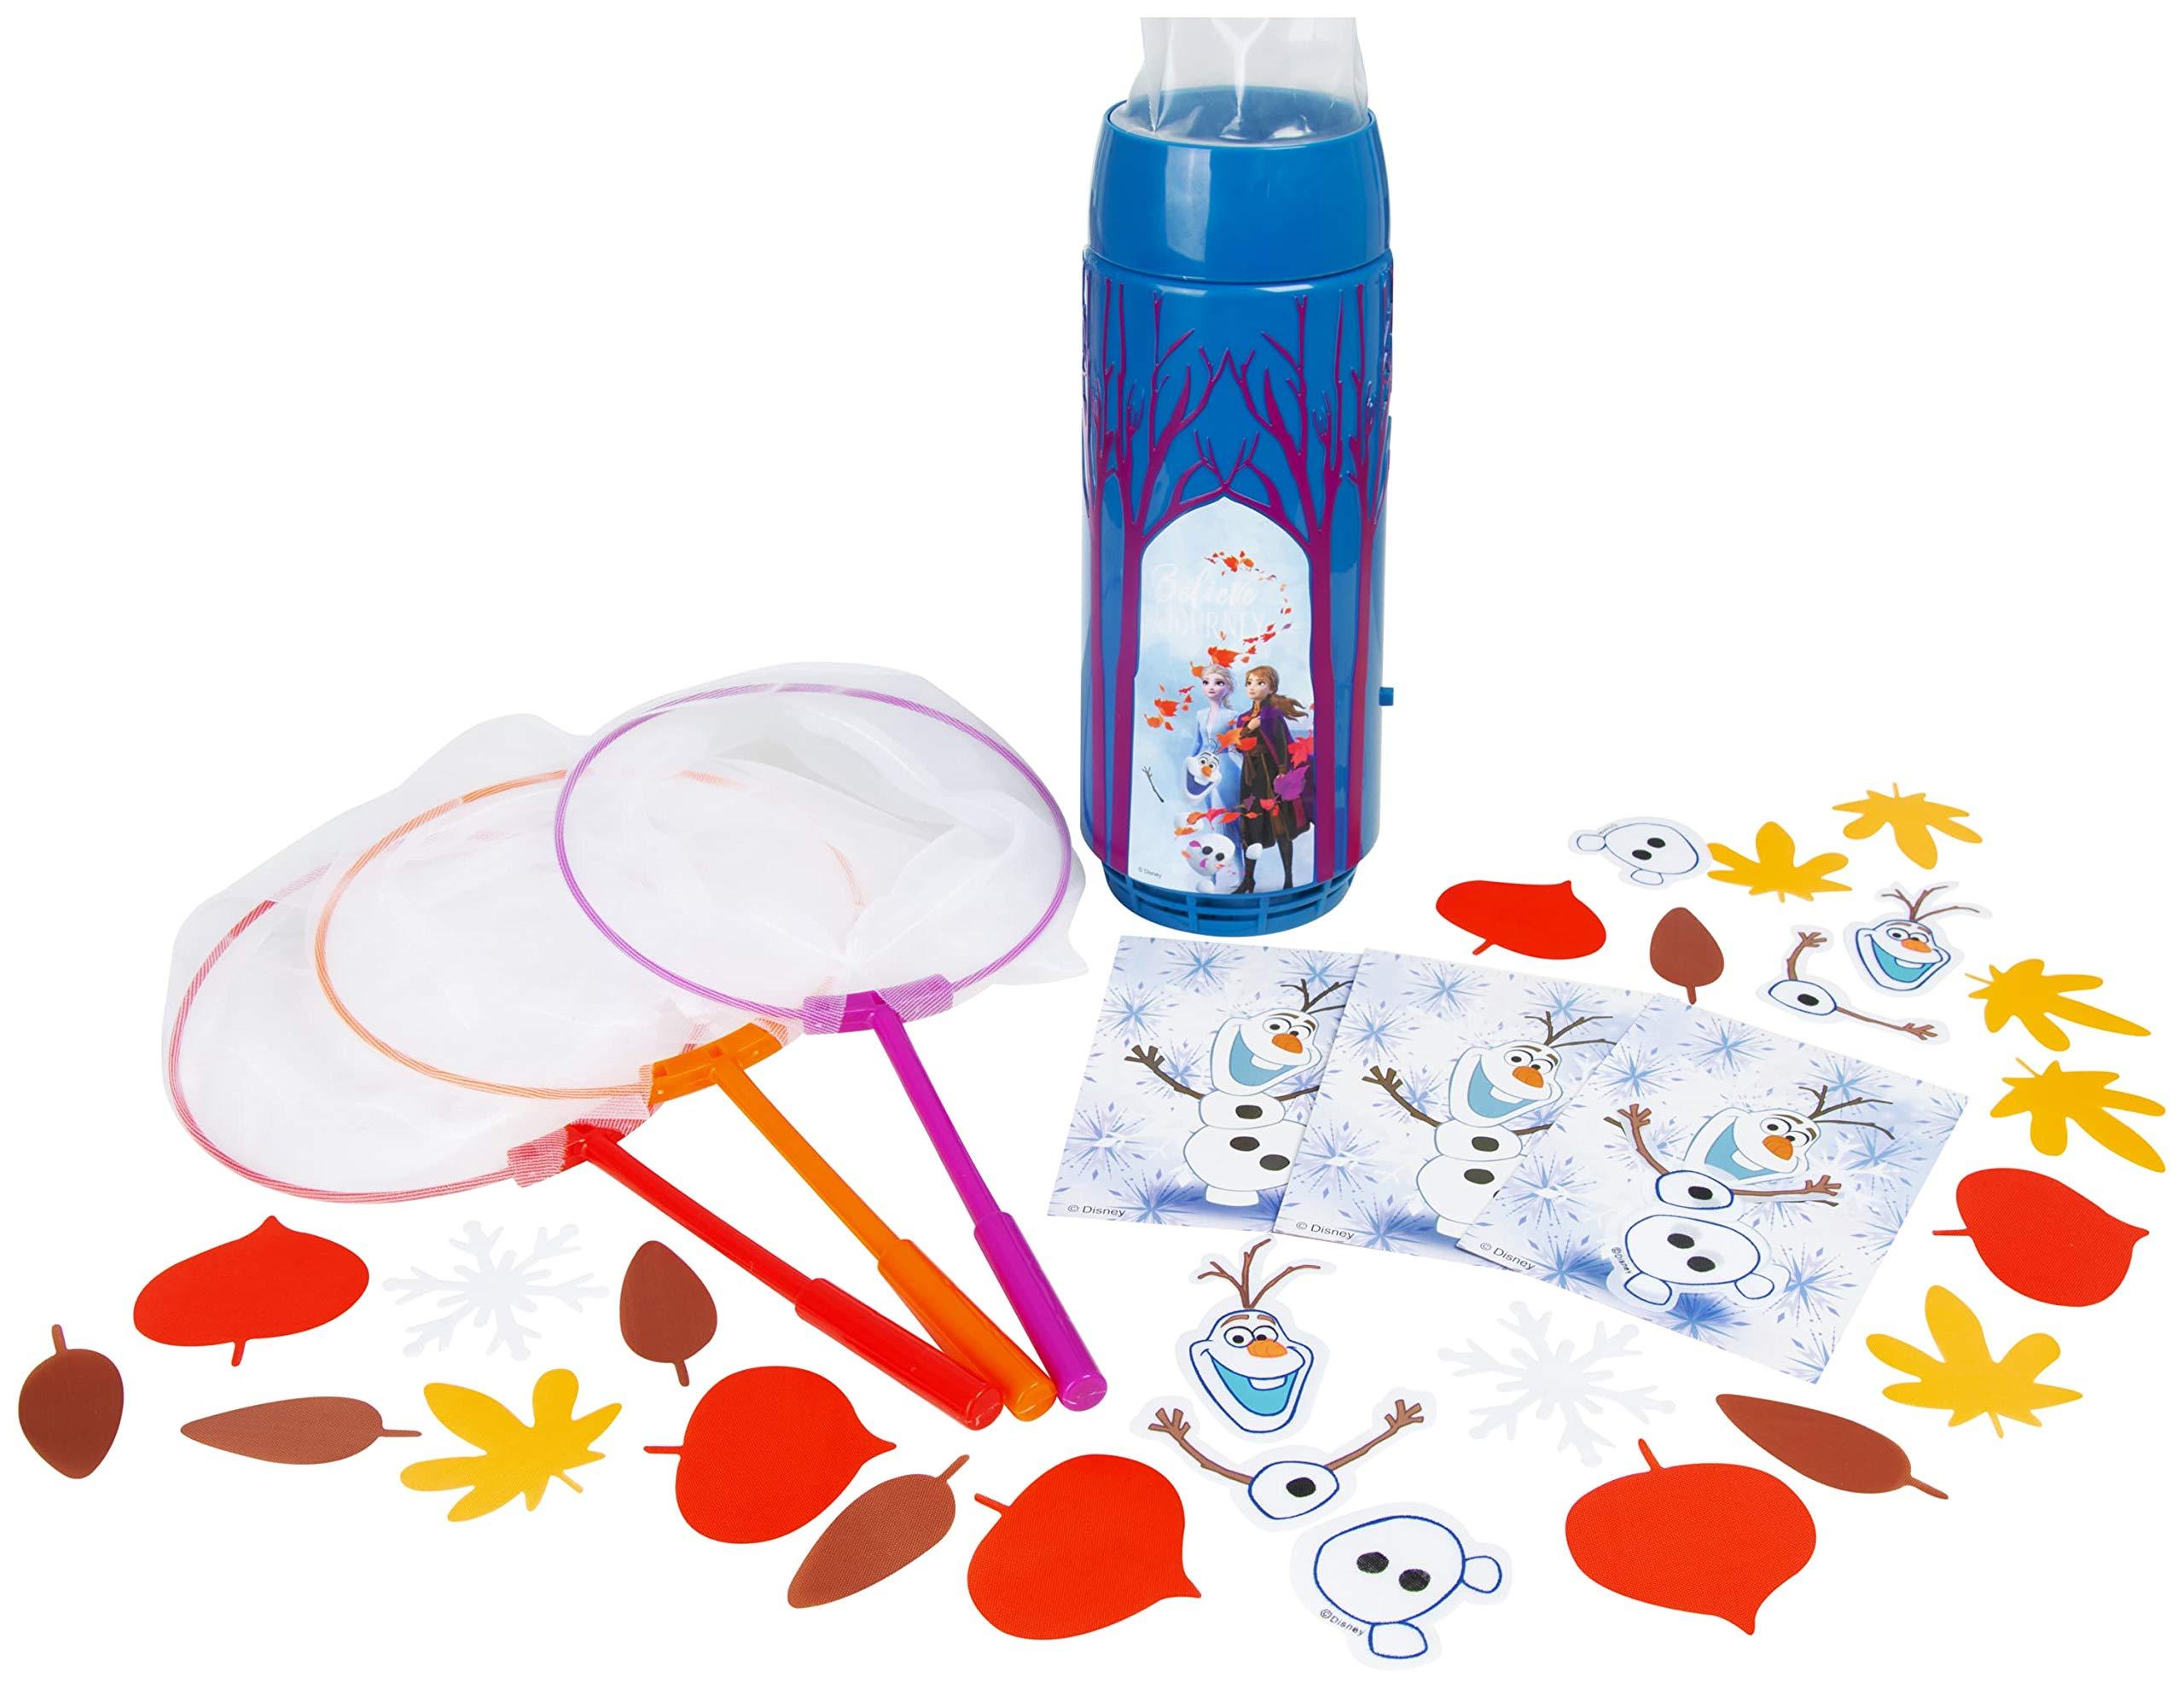 Disney-Frozen-Geblse-Spielzeug-Magische-Wervelwind-Indoor-Spiele-aus-die-Eiskonigin-mit-Anna-ELSA-und-Olaf-Interaktives-Spielzeug-fr-Kinder-Geschenke-ab-4-Jahren-Frozen-Fanartikel